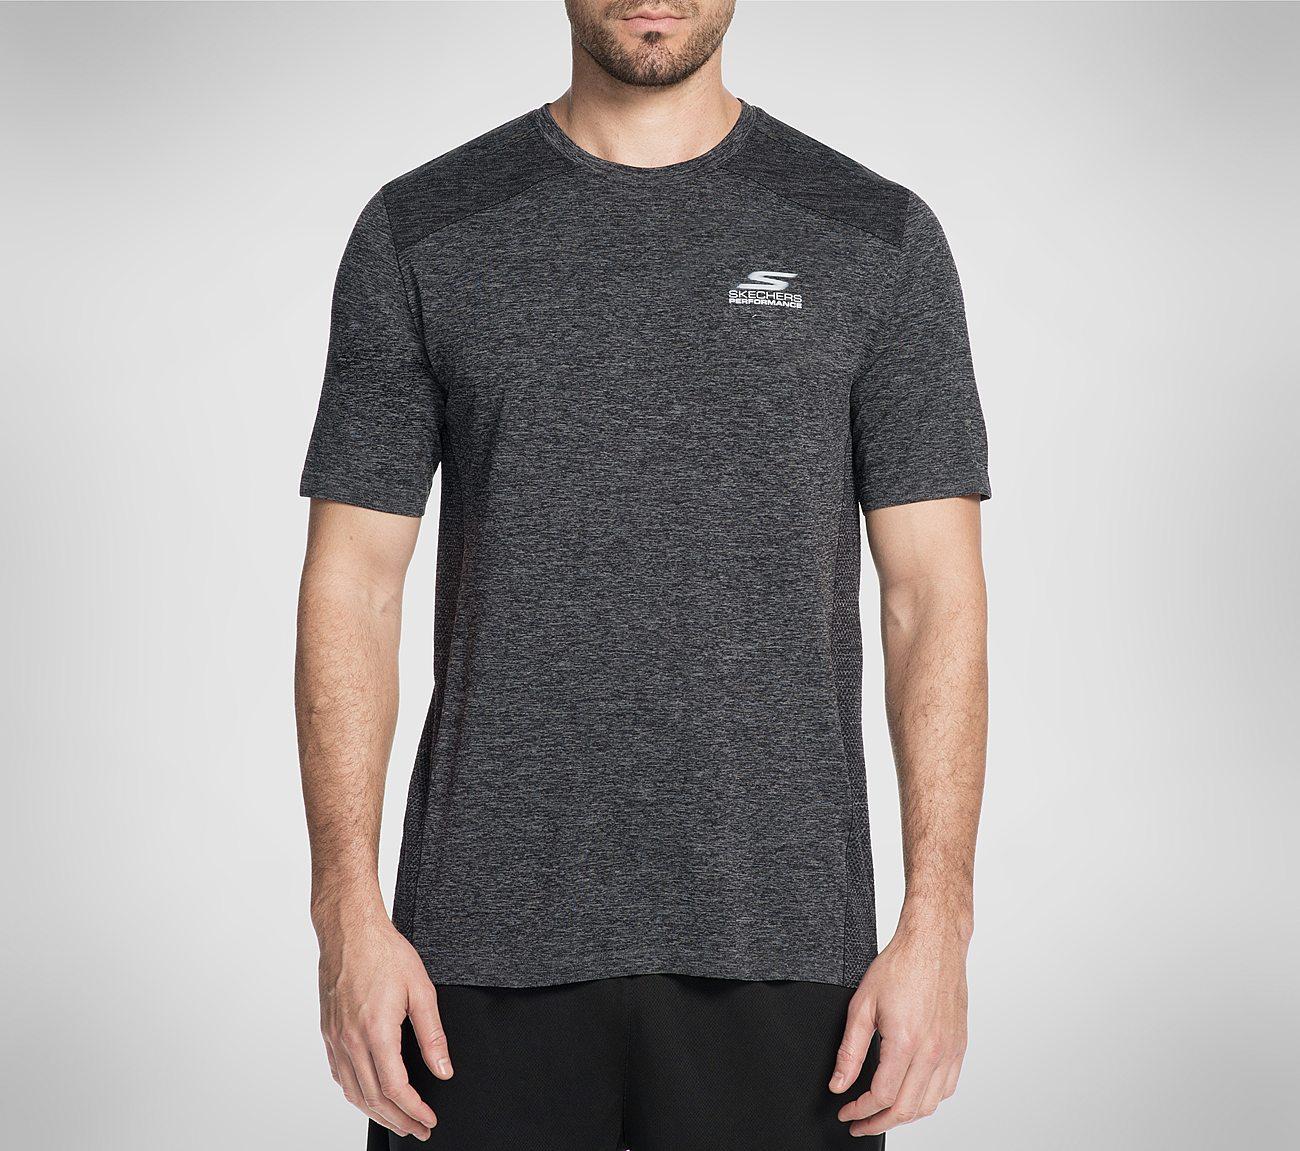 Skechers GO Knit Seamless Tee Shirt